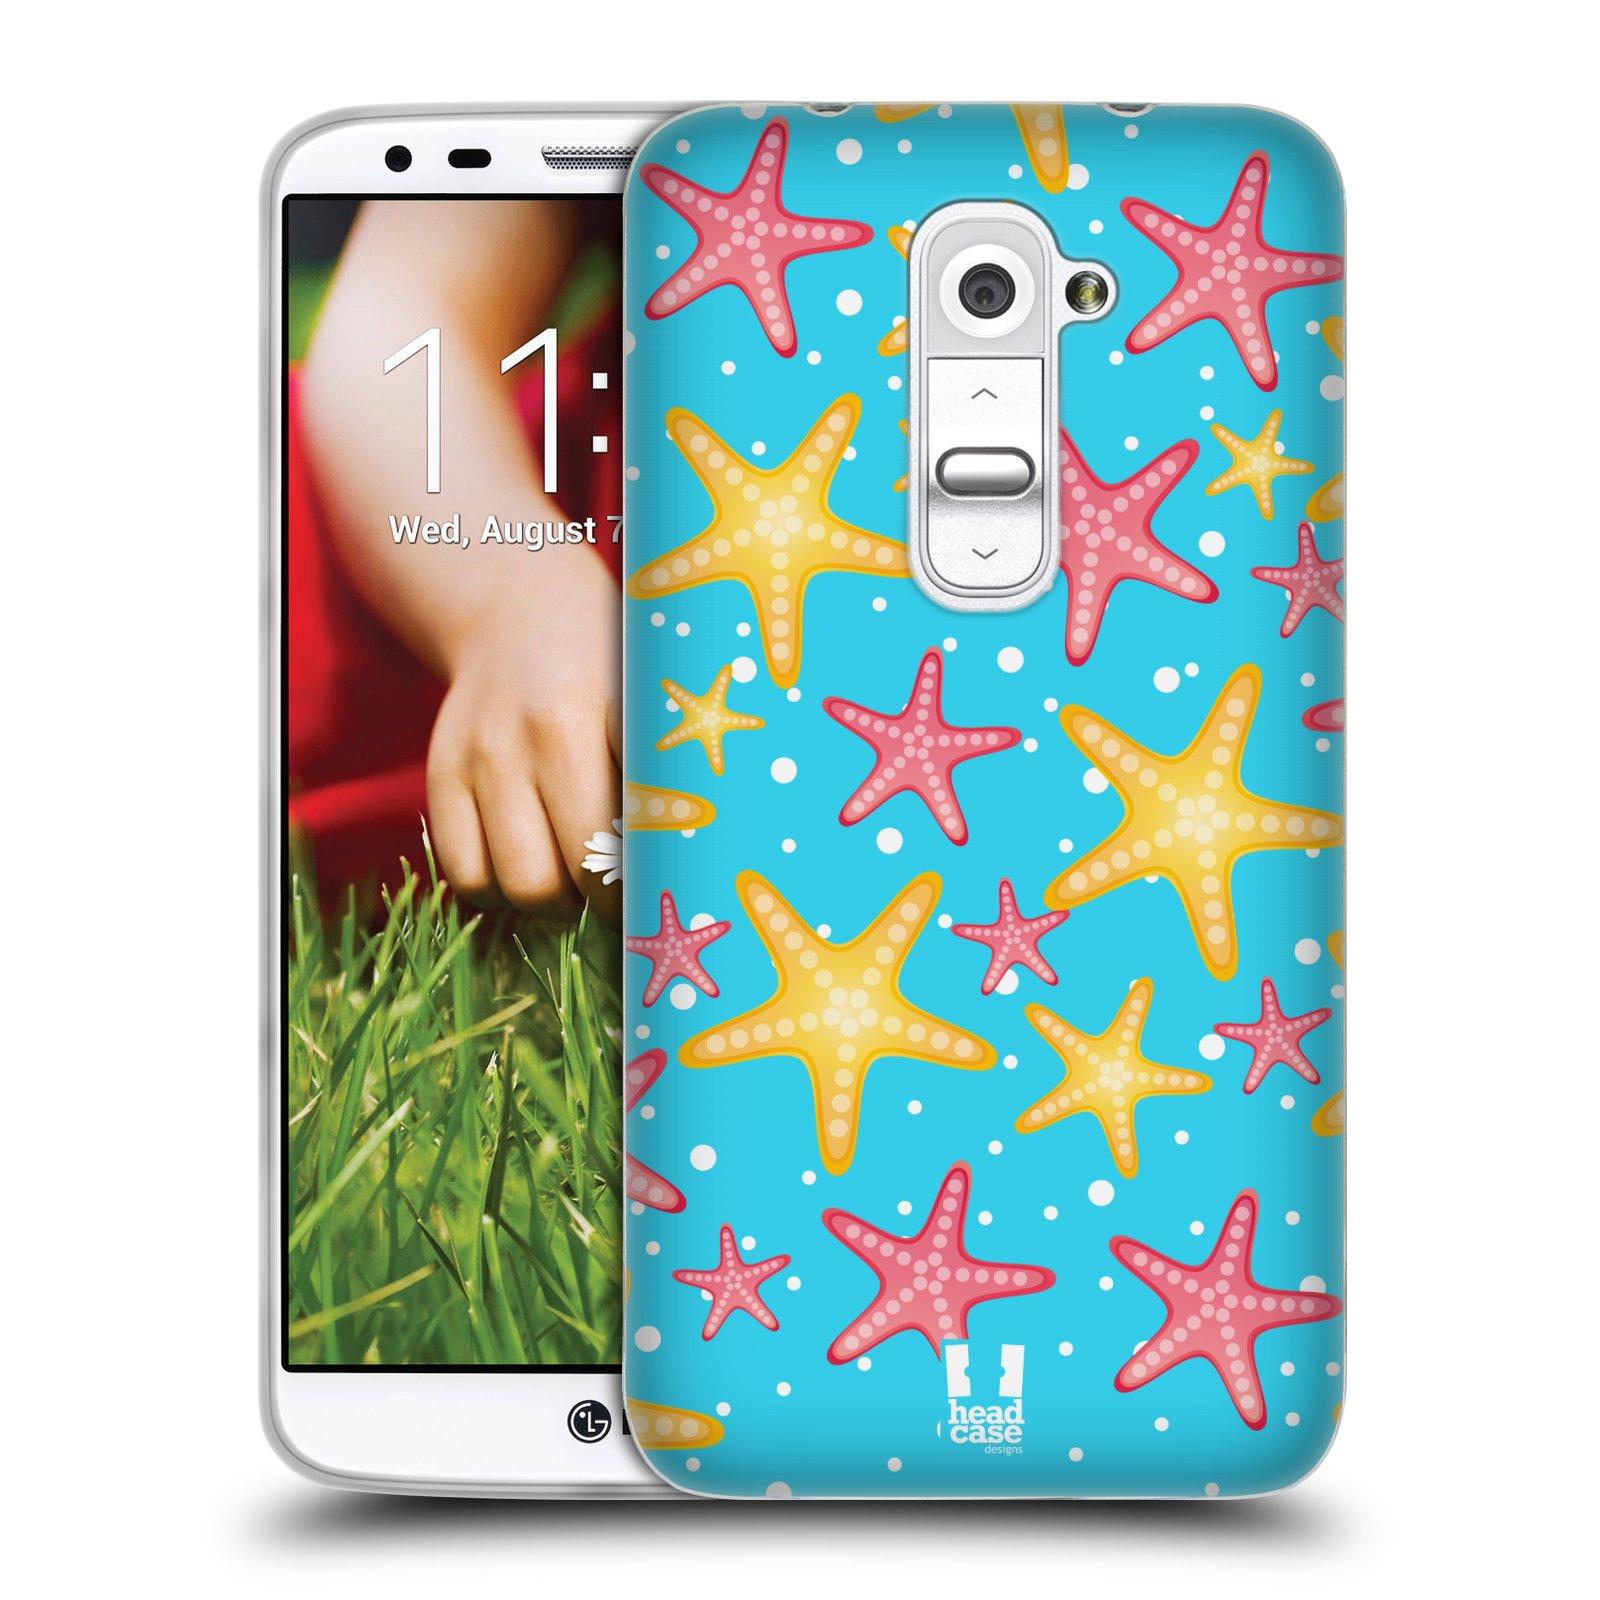 HEAD CASE silikonový obal na mobil LG G2 vzor mořský živočich hvězda